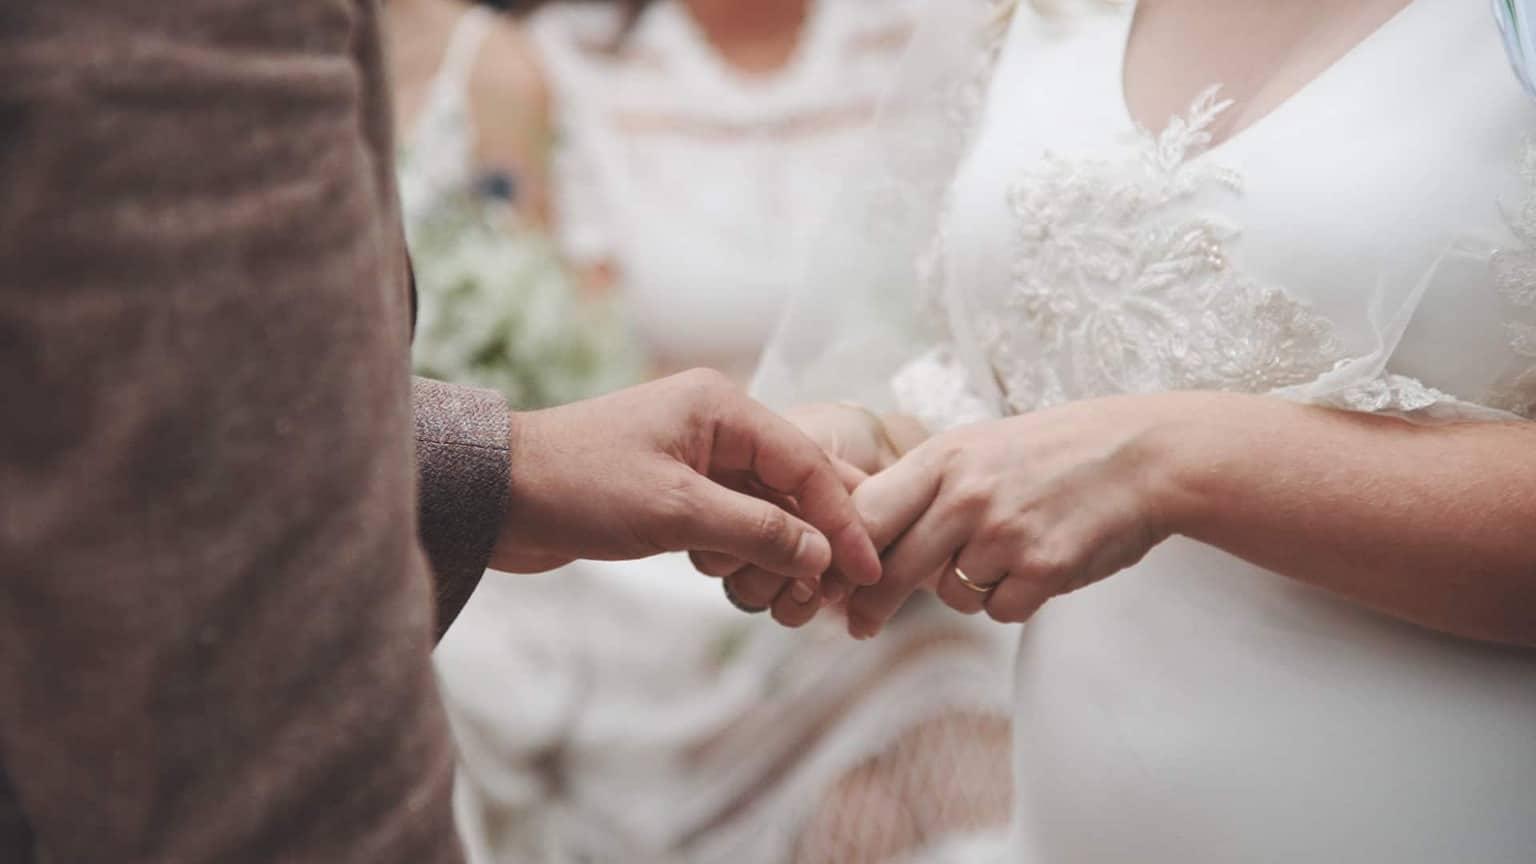 Exchanging wedding rings in Cloughjordan